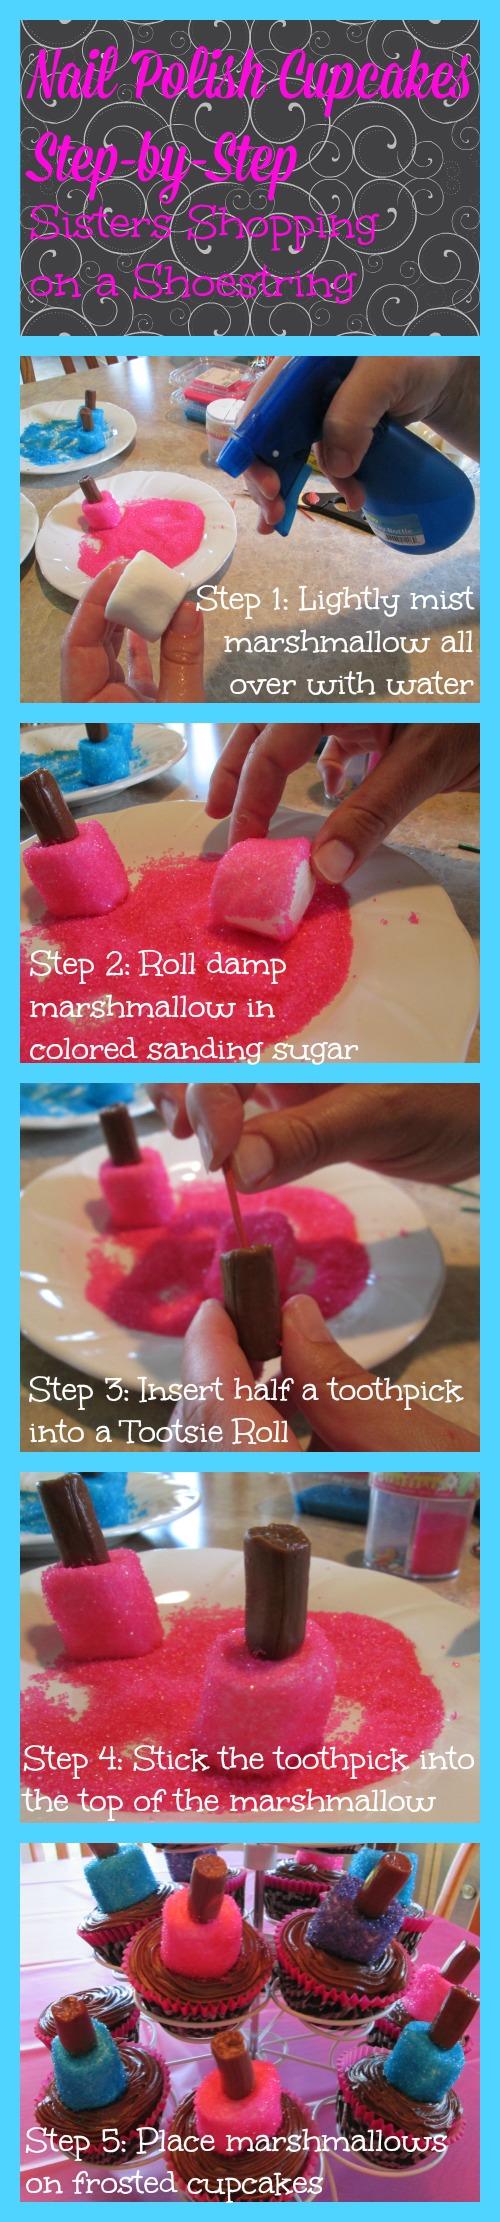 nail polish cupcakes step by step